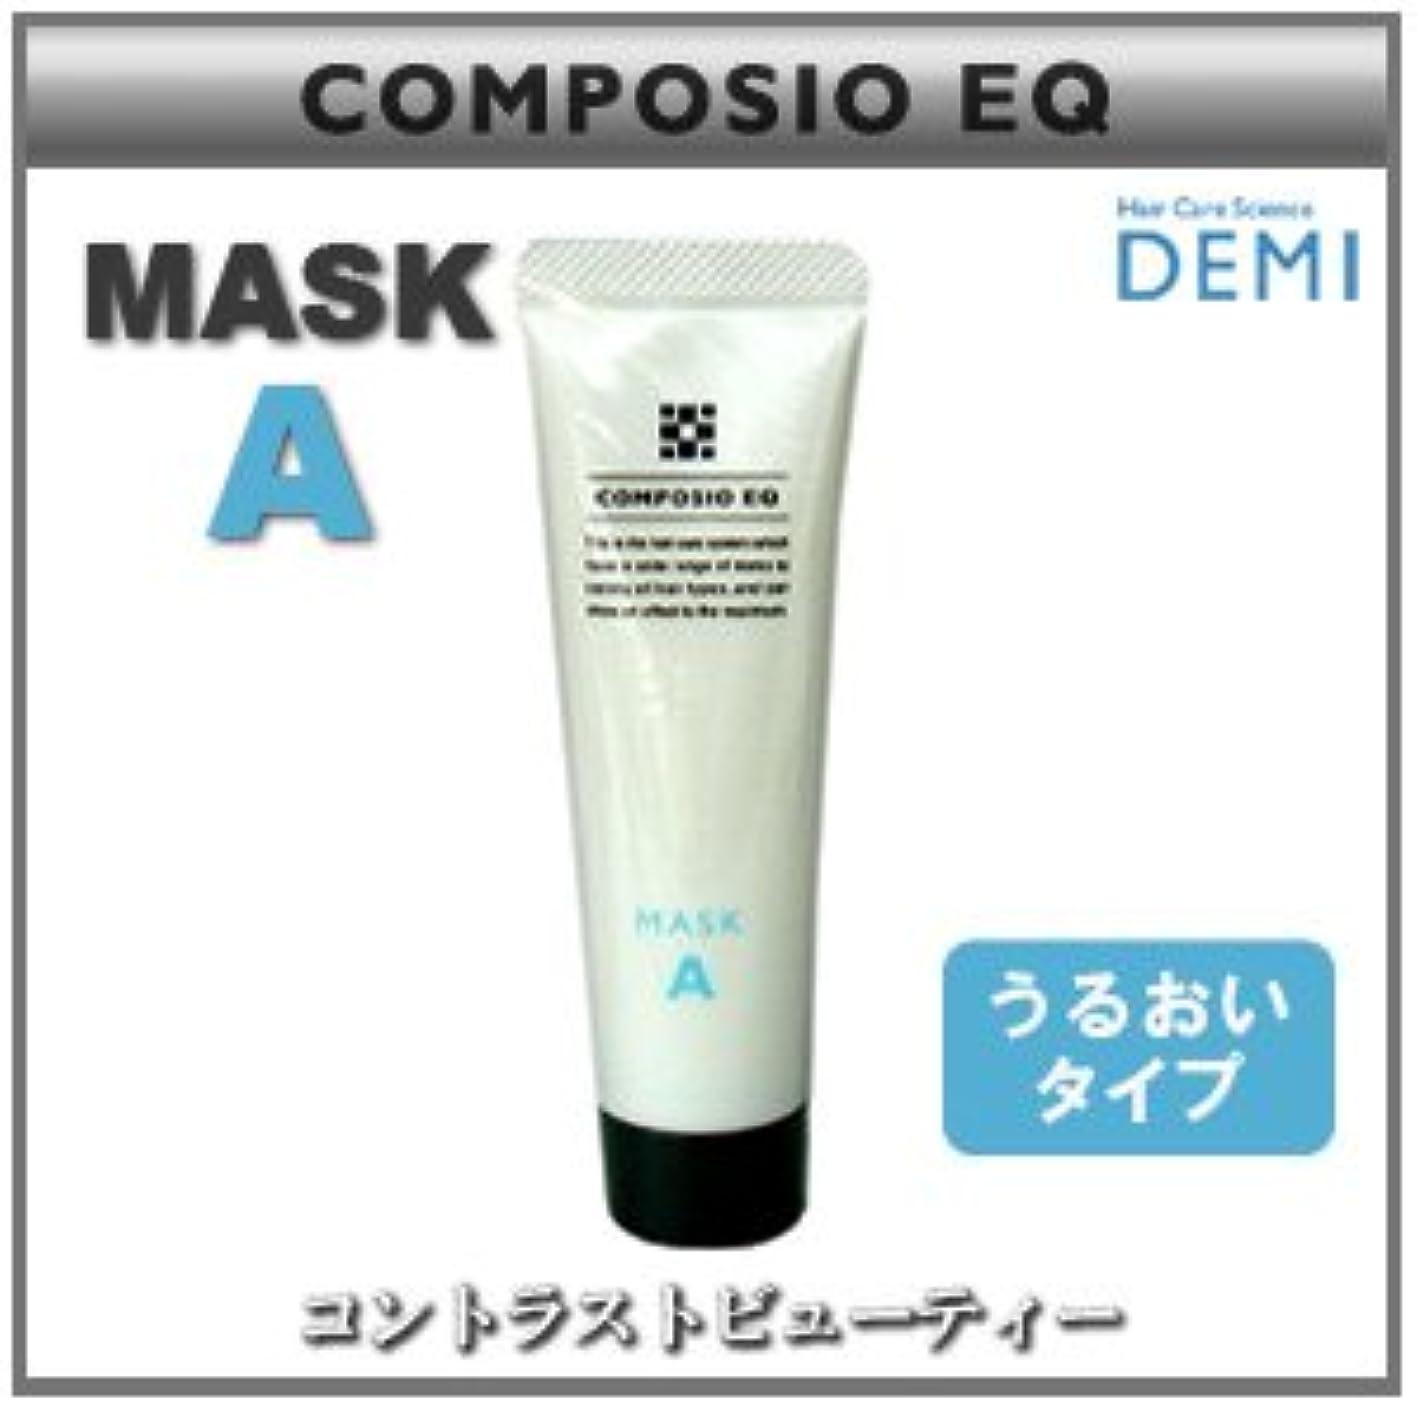 不透明な気付くリップ【X5個セット】 デミ コンポジオ EQ マスク A 50g